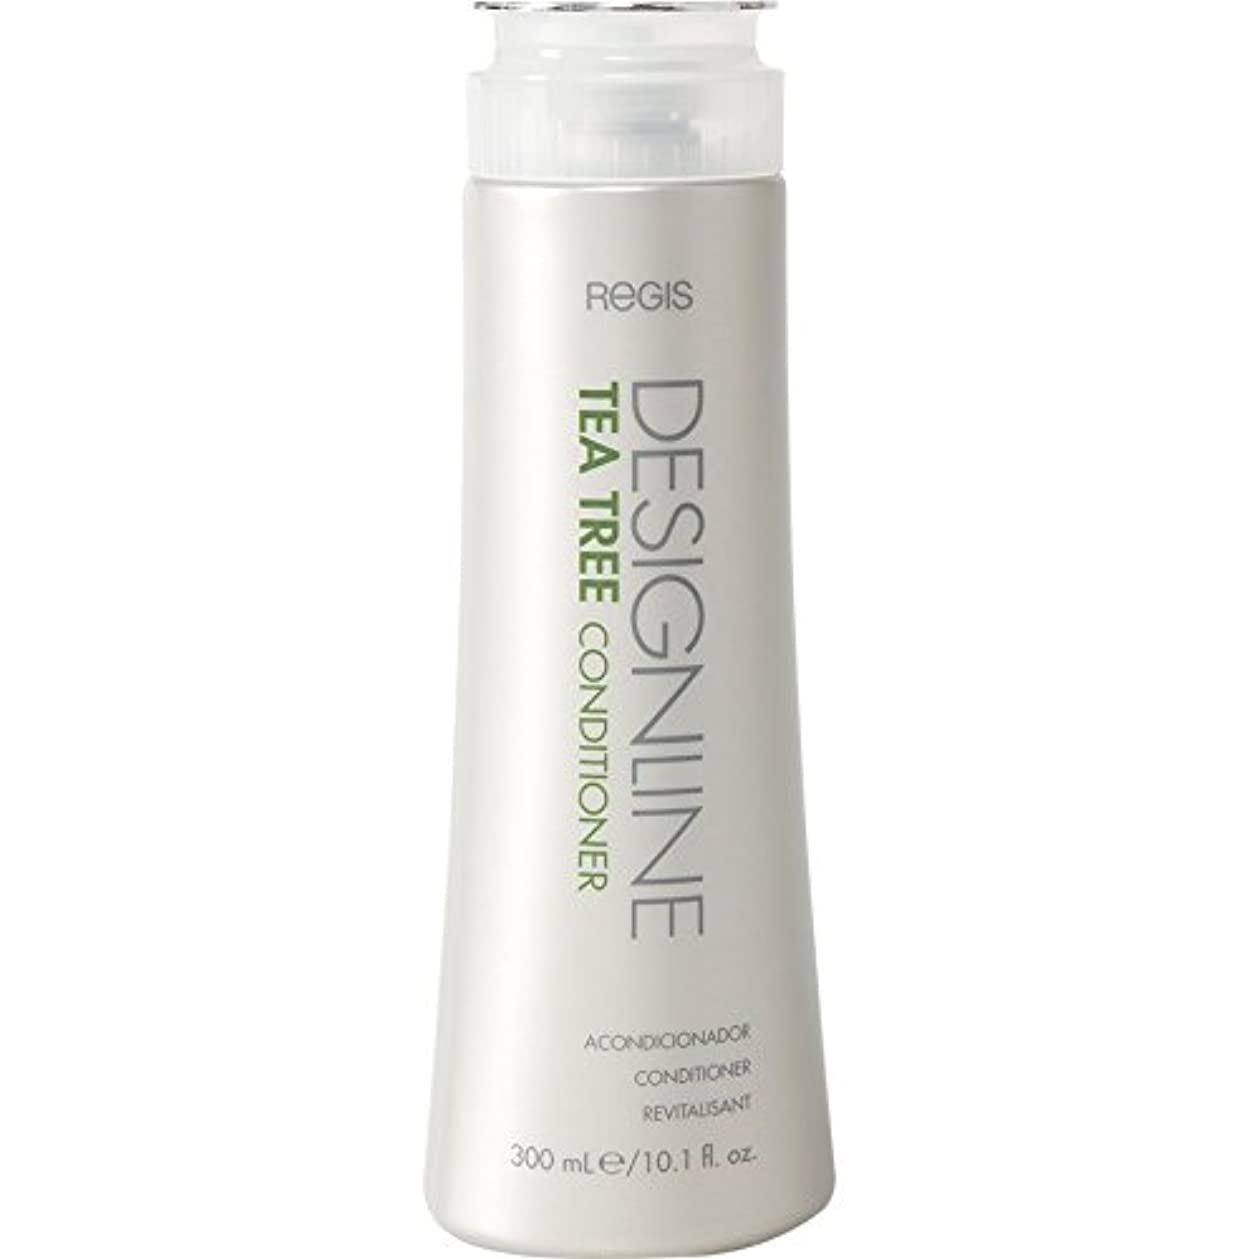 プレフィックス時々駅DESIGNLINE ティーツリーコンディショナー、Regis -栄養価の高いビタミンとミネラルを含み、髪に潤いを与え、髪と頭皮のオイルをバランスさせる シャイン、ソフトネス、および管理性 用